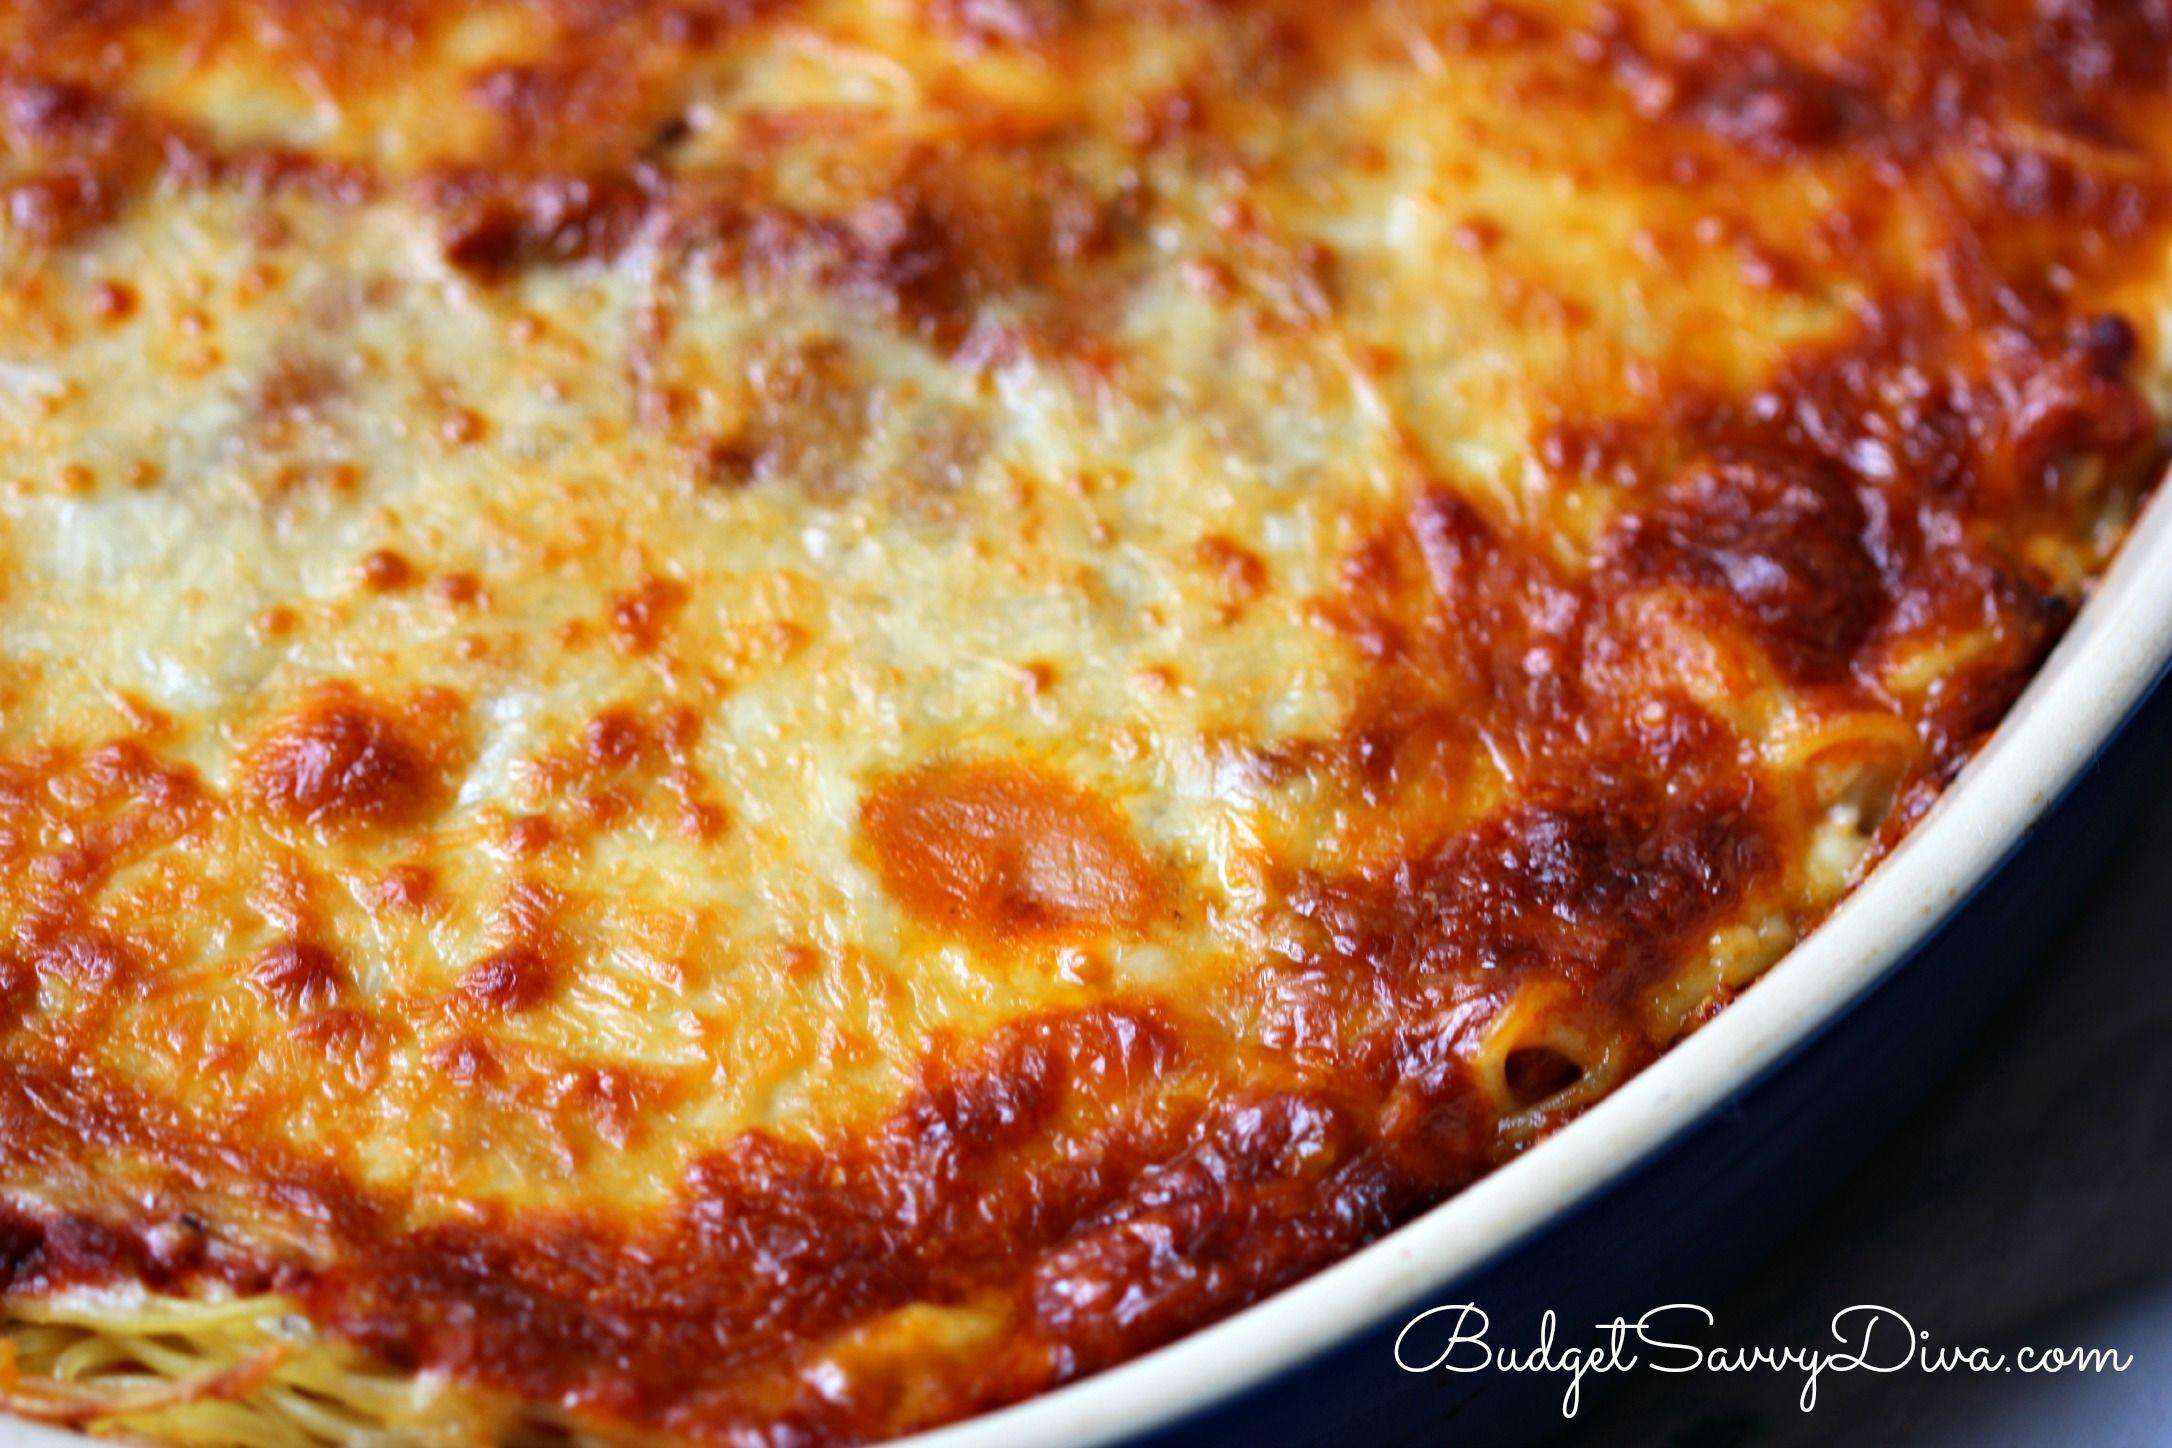 Cheesy Spaghetti Bake Recipe Recipe Easy Baked Spaghetti Recipe Easy Baked Spaghetti Baked Spaghetti